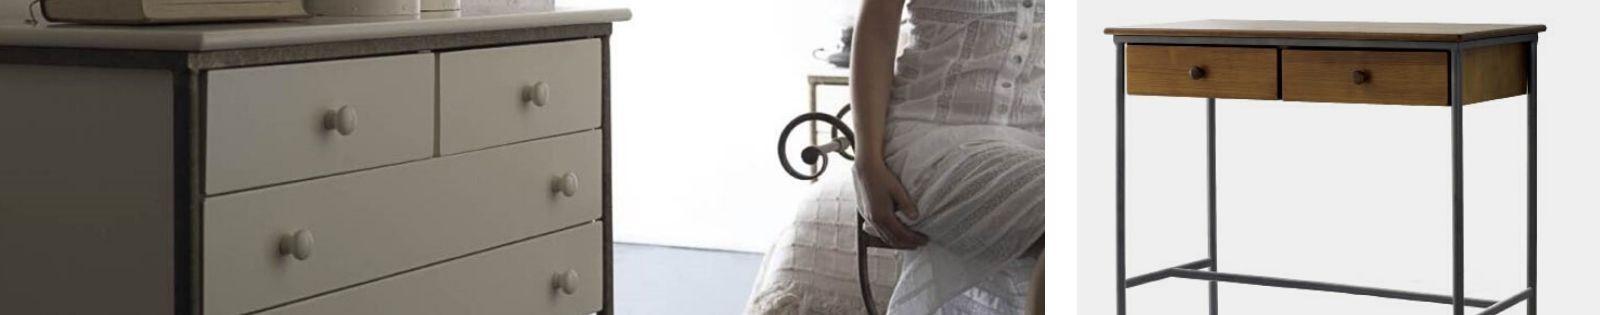 Commode en Fer Forgé pour compléter votre chambre à coucher. Lotuséa